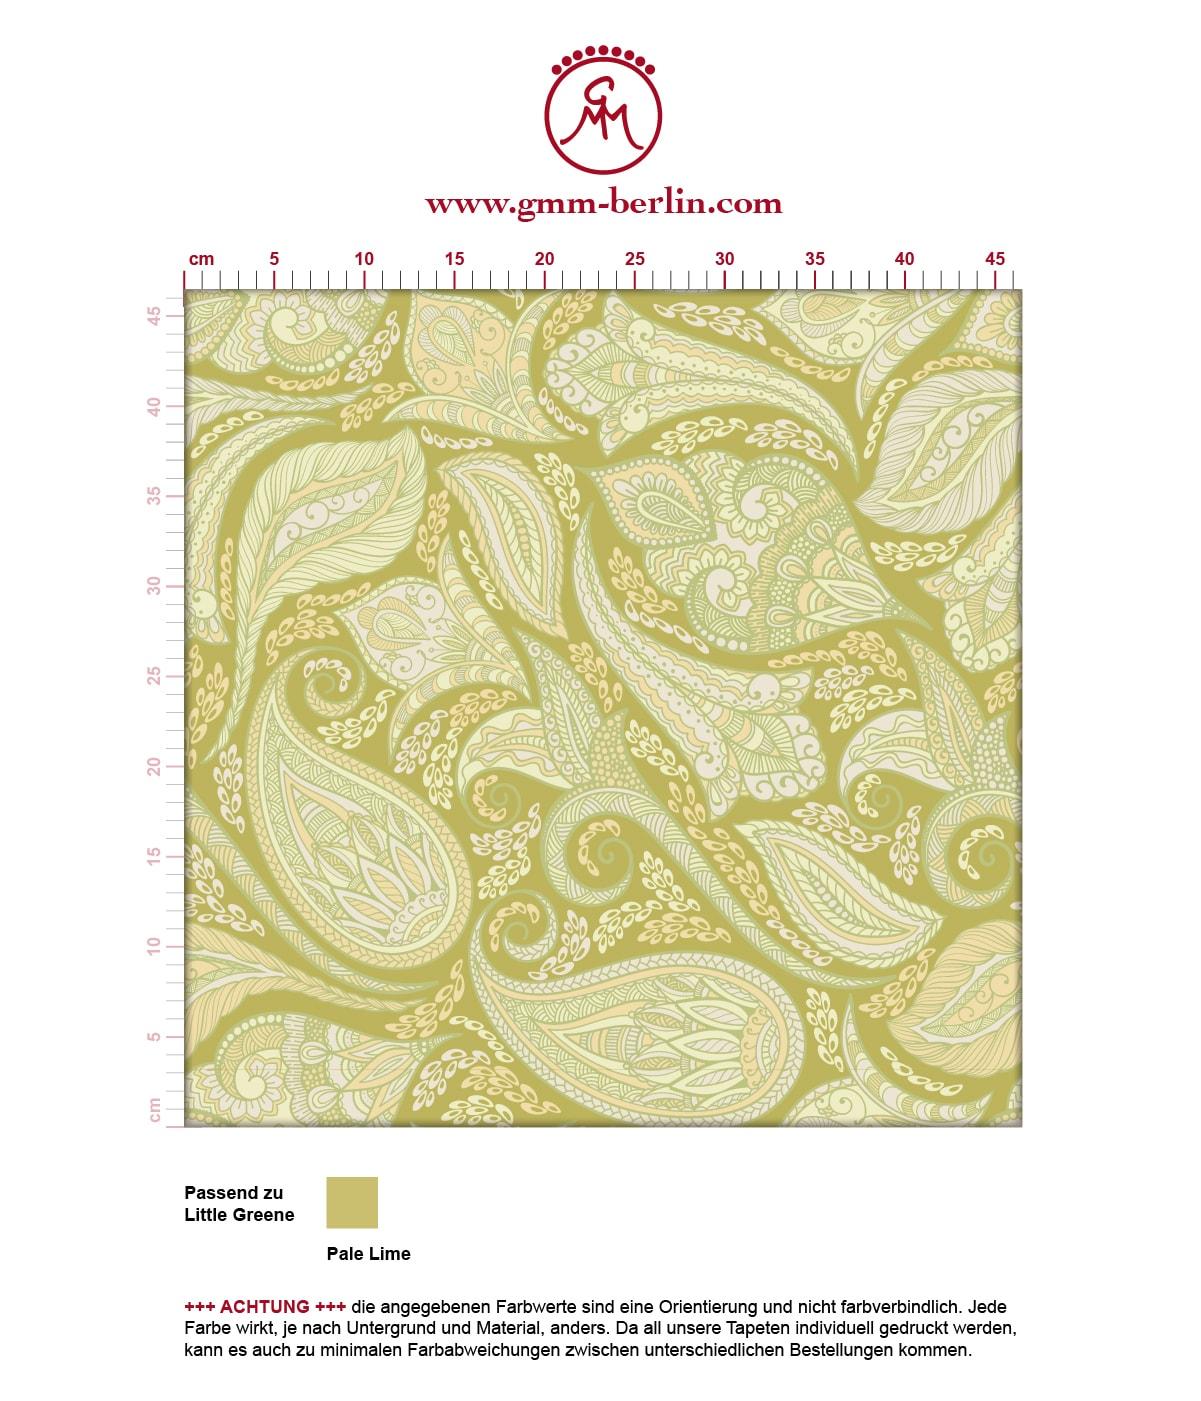 """Grüne edle Designer Tapete """"Grand Paisley"""" mit großem dekorativem Blatt Muster angepasst an Little Greene Wandfarben"""